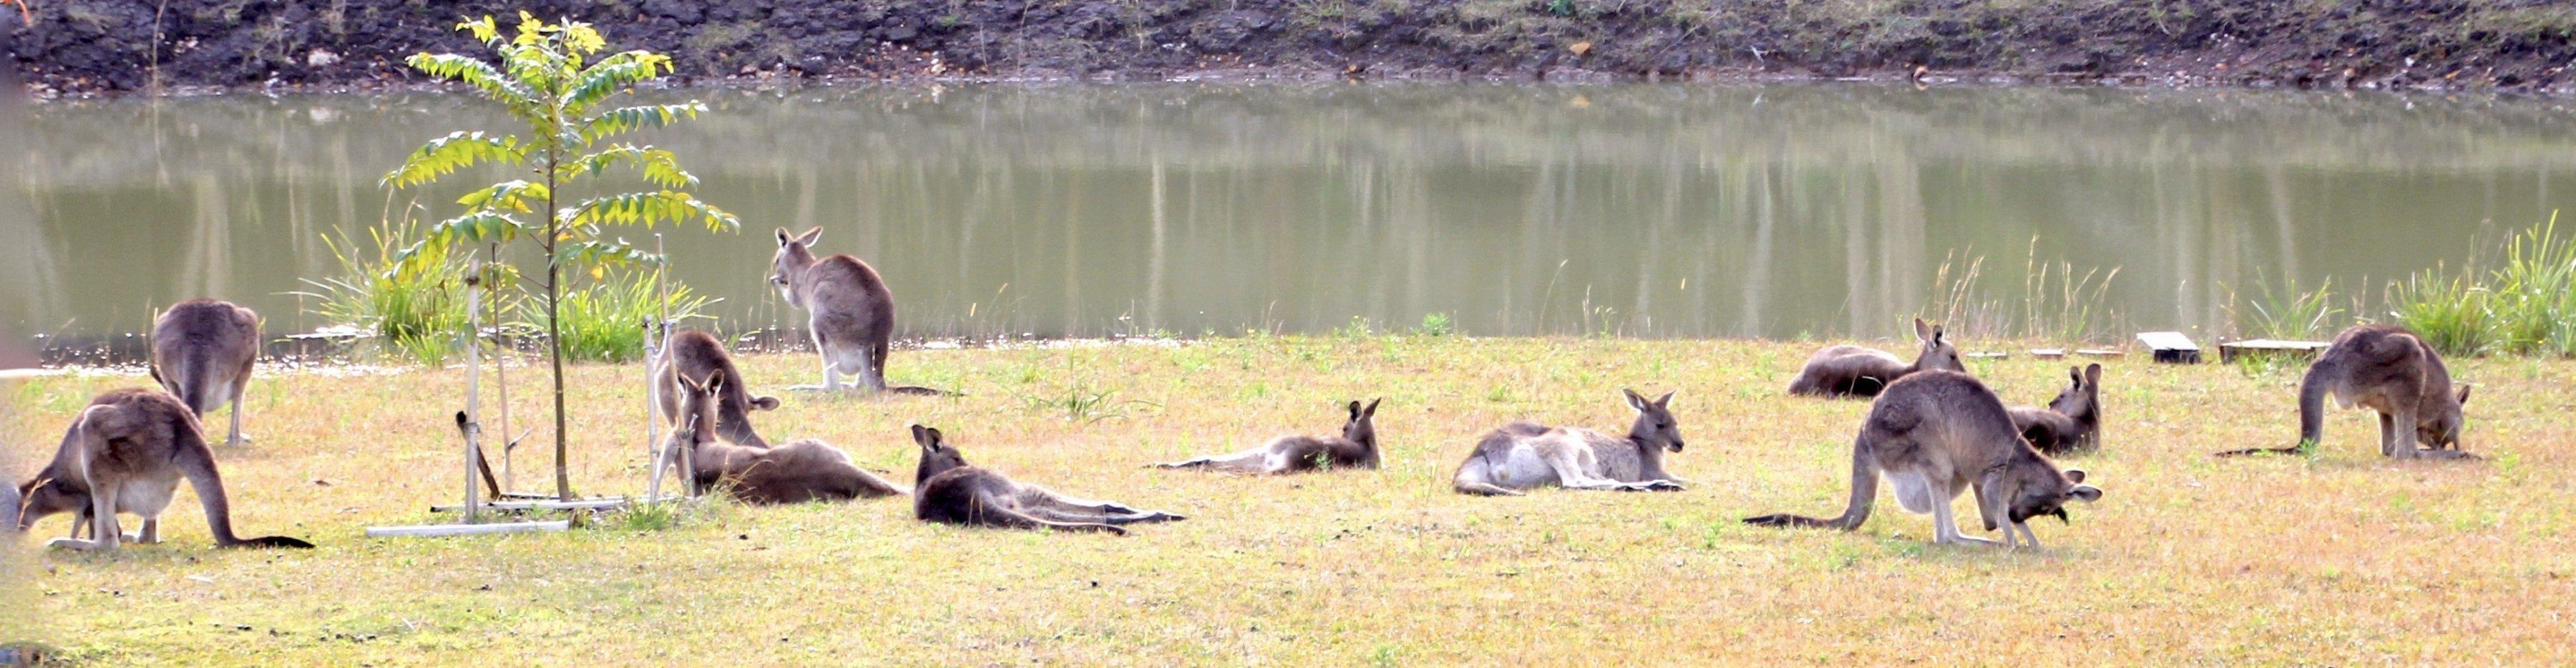 Eine Gruppe von grauen Riesenkängurus und Wallabies liegt auf dem Rasen vor einem Damm, manche grasen, die meisten ruhen sich nur aus.